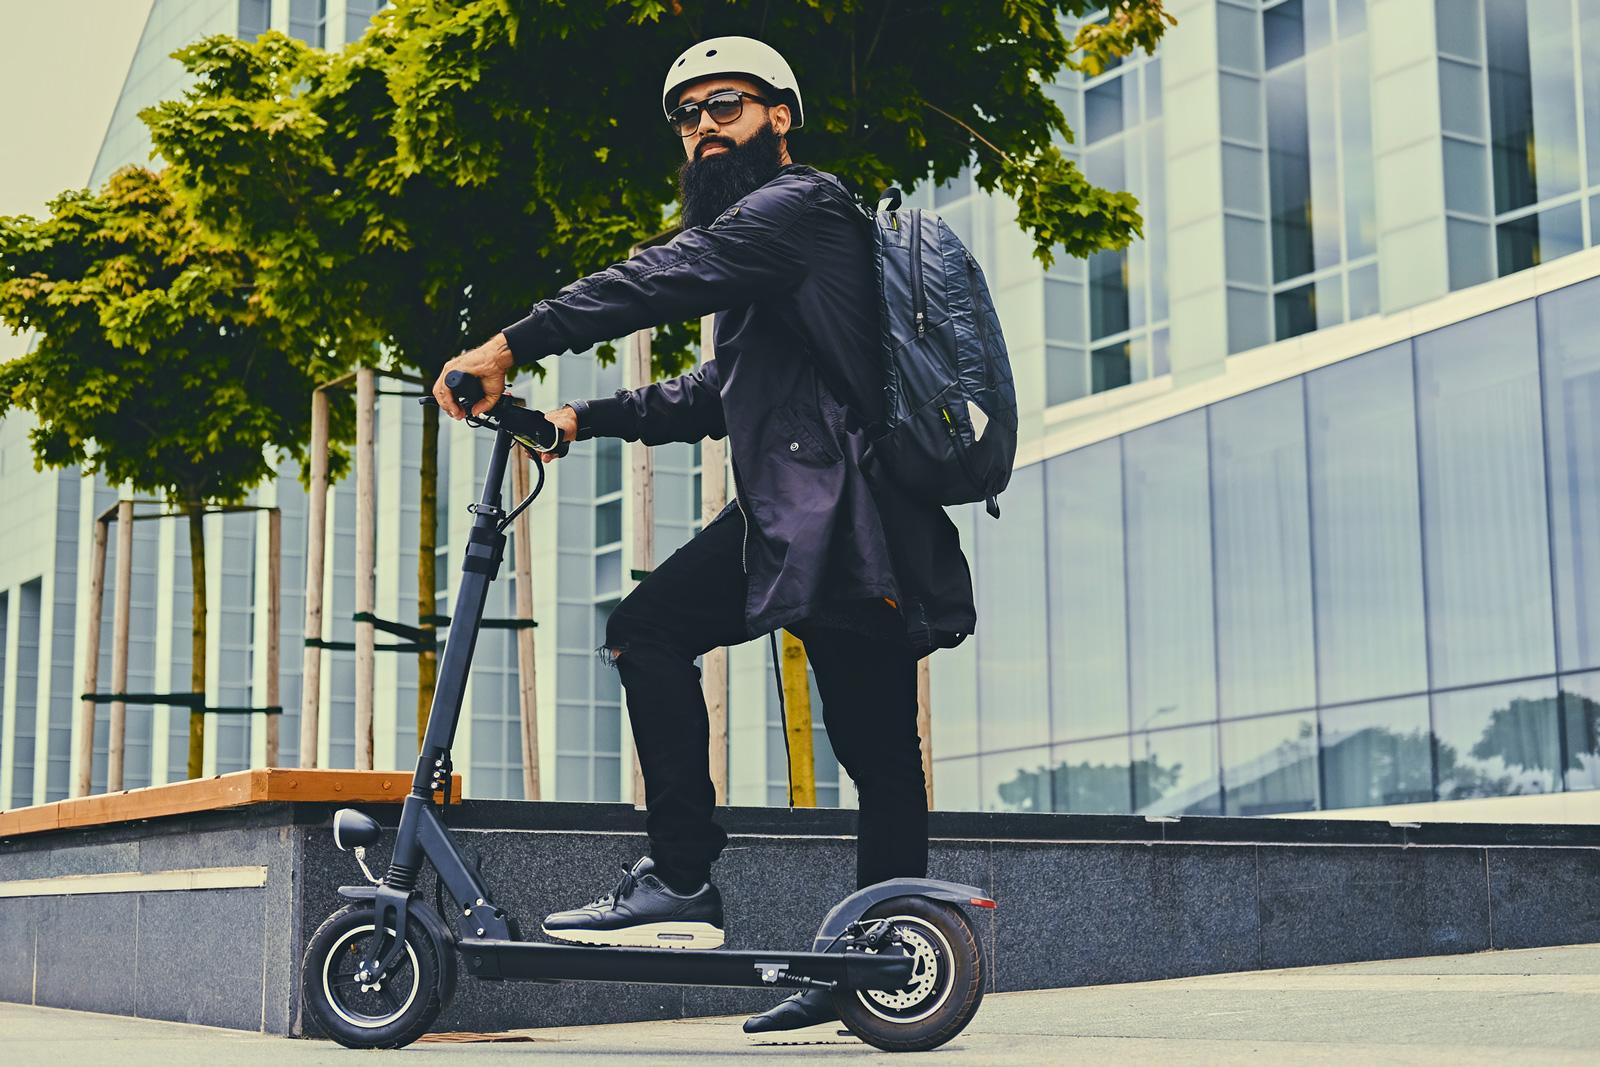 Safety first: Wie beim Fahrrad und Roller besteht auch beim E-Scooter eine Verletzungsgefahr. Schütze dich mit Helm und Versicherung vor Unfallfolgen.